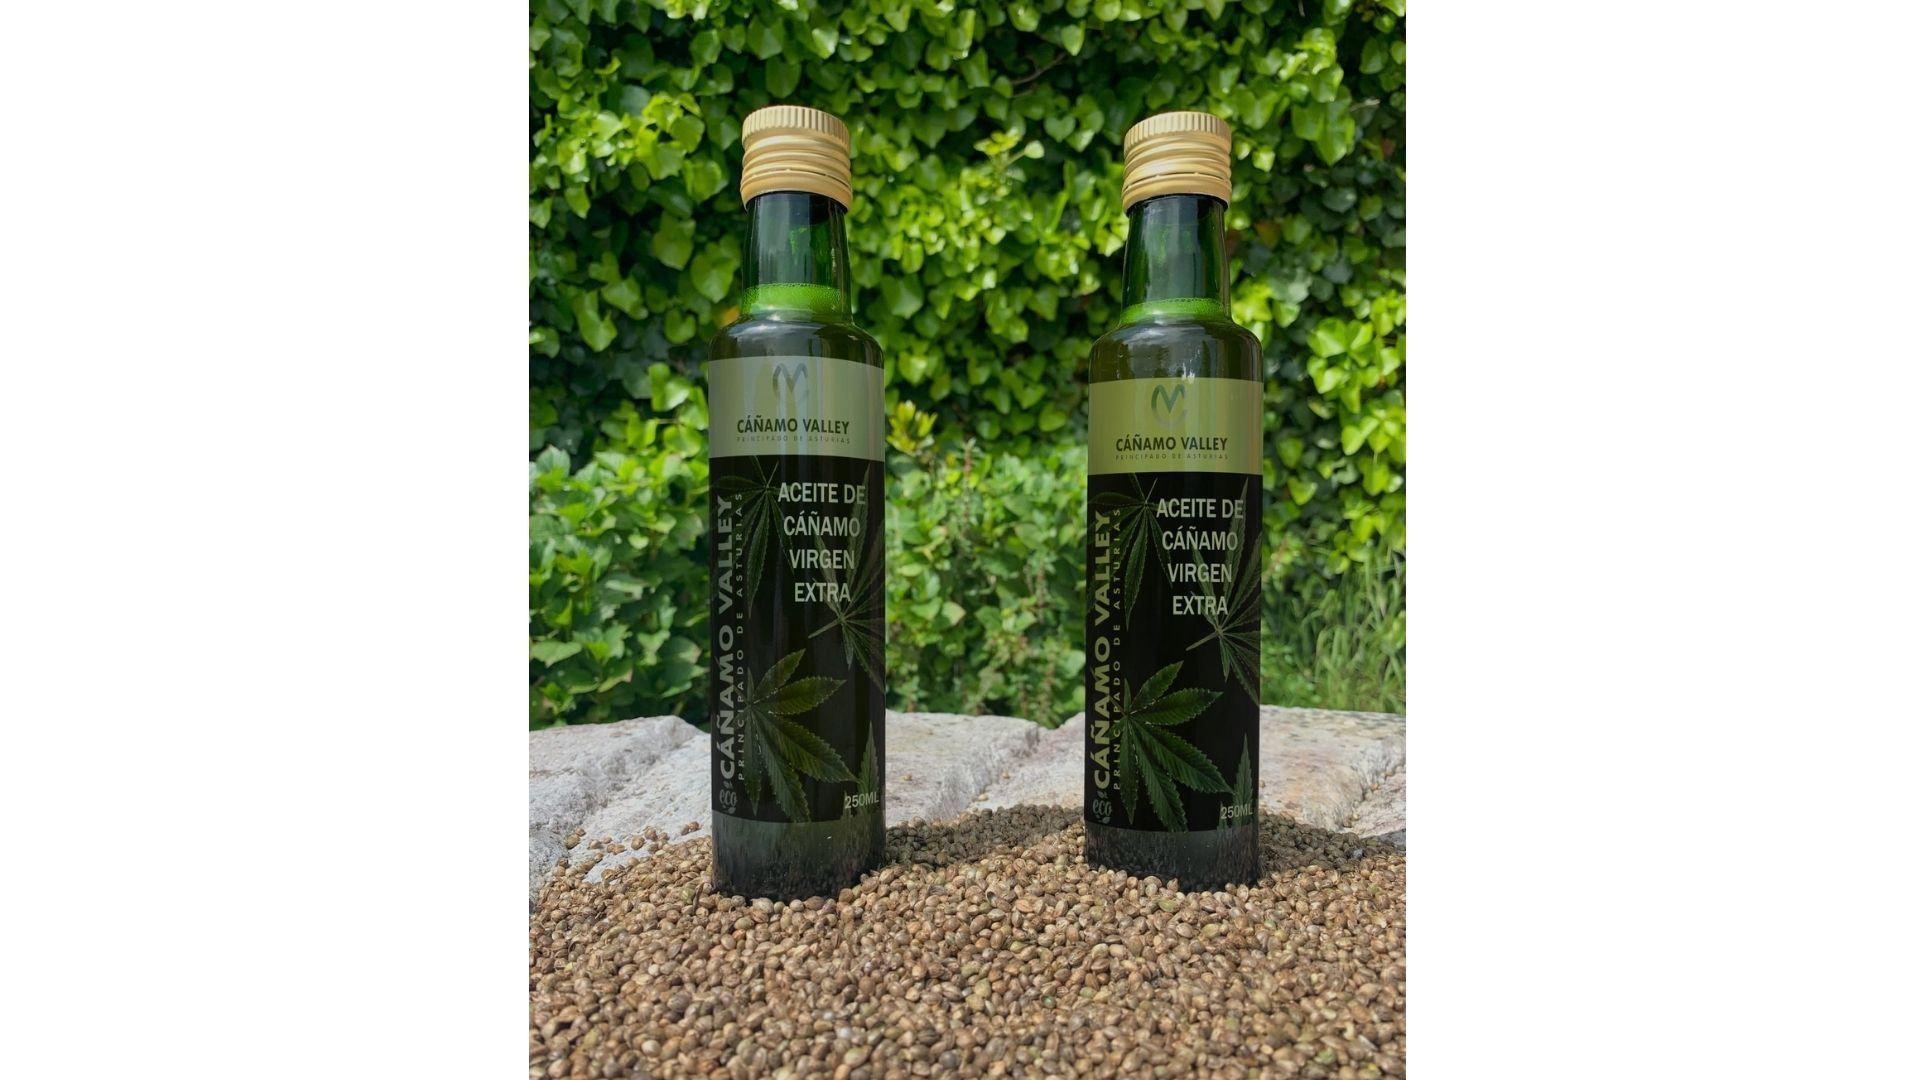 El aceite de cáñamo virgen extra elaborado con semillas cultivadas en Ribadesella, recién embotellado bajo la marca Cañamo Valley